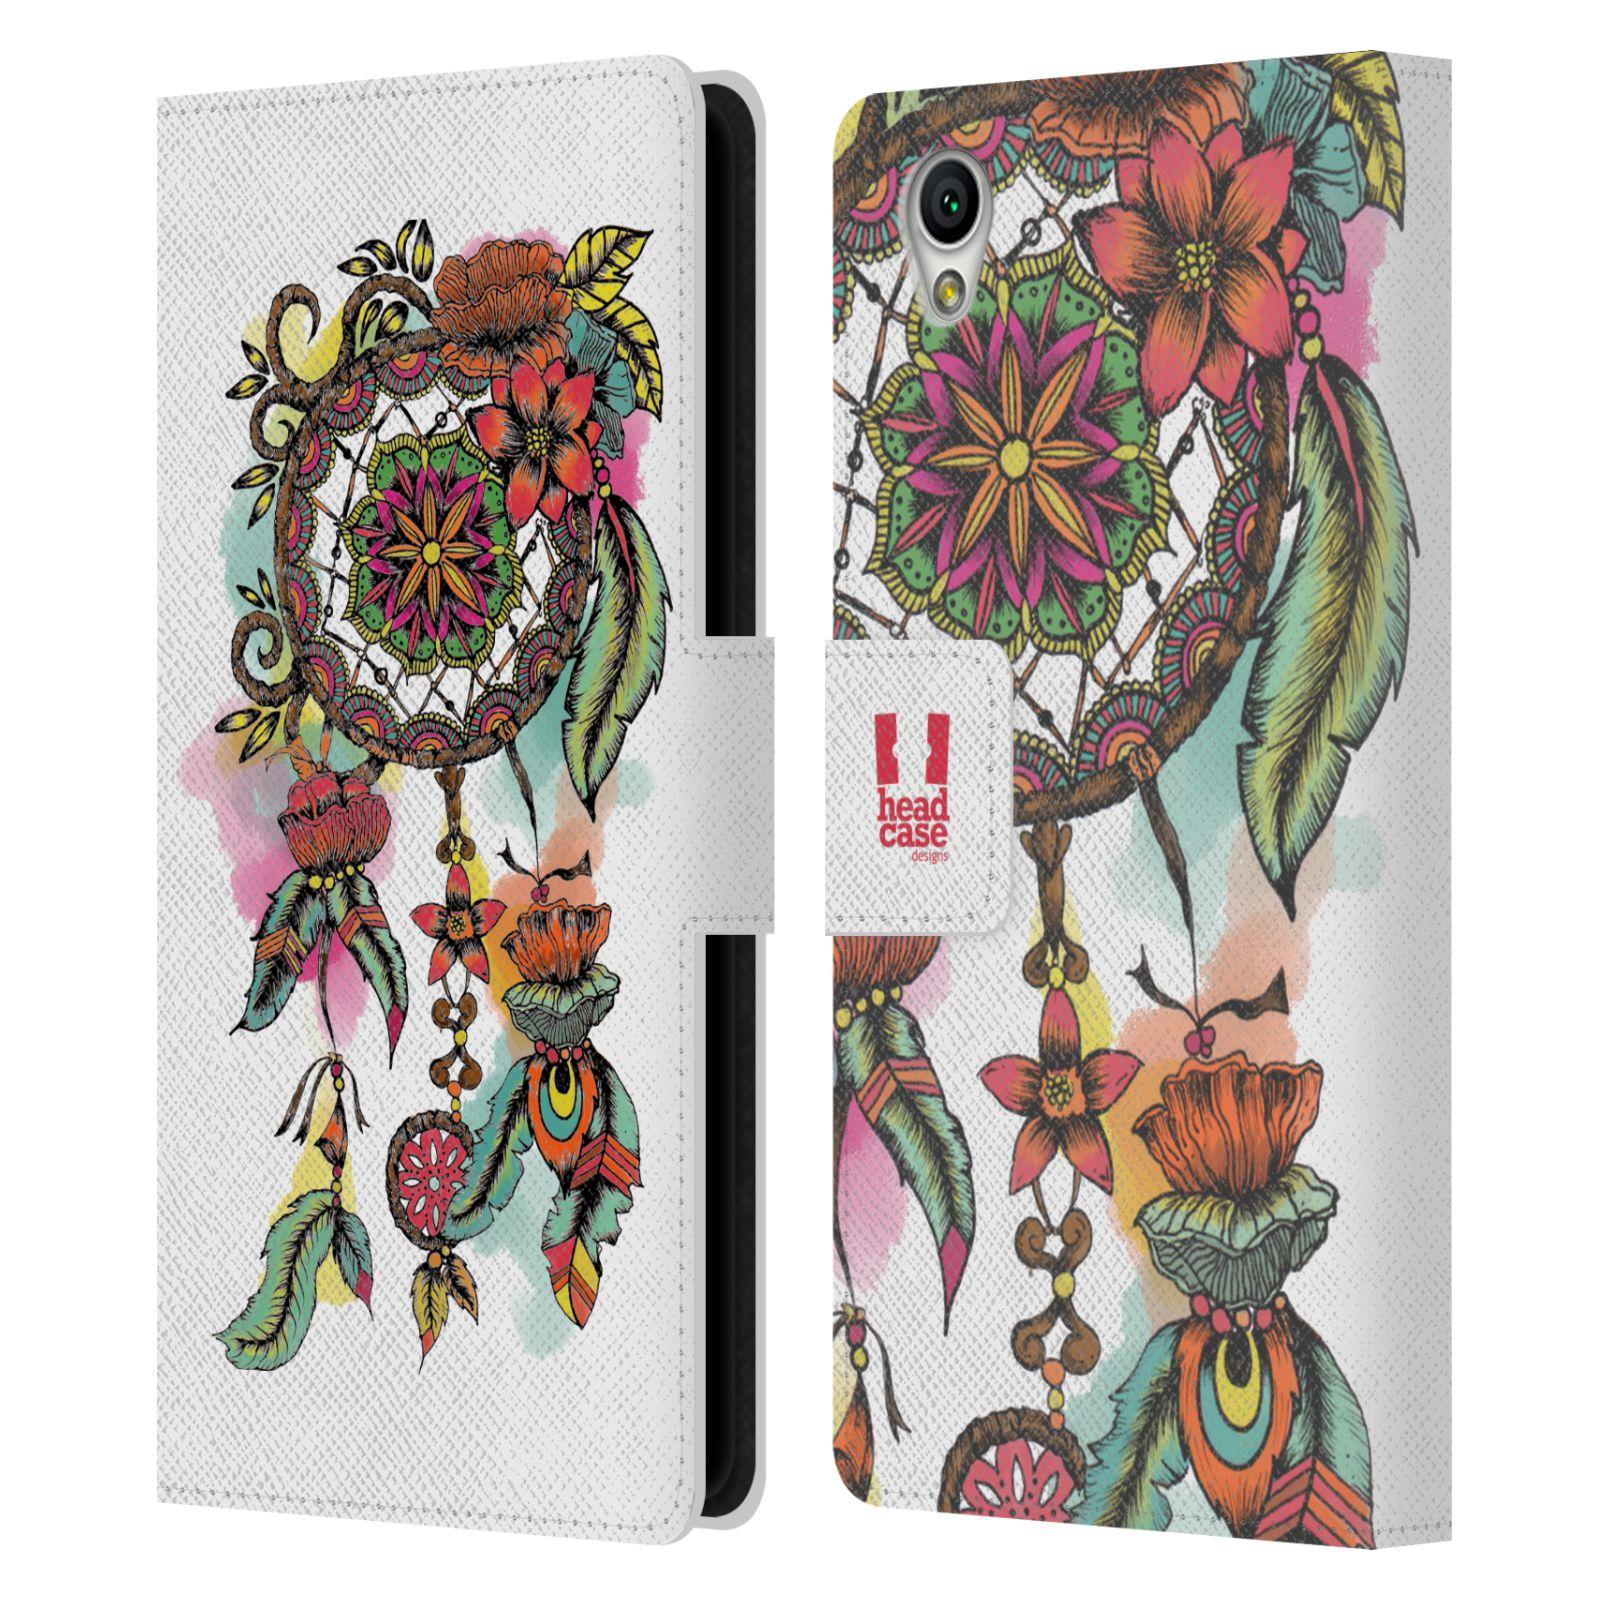 Pouzdro na mobil Sony Xperia L1 - Head Case - Lapač snů květy červená